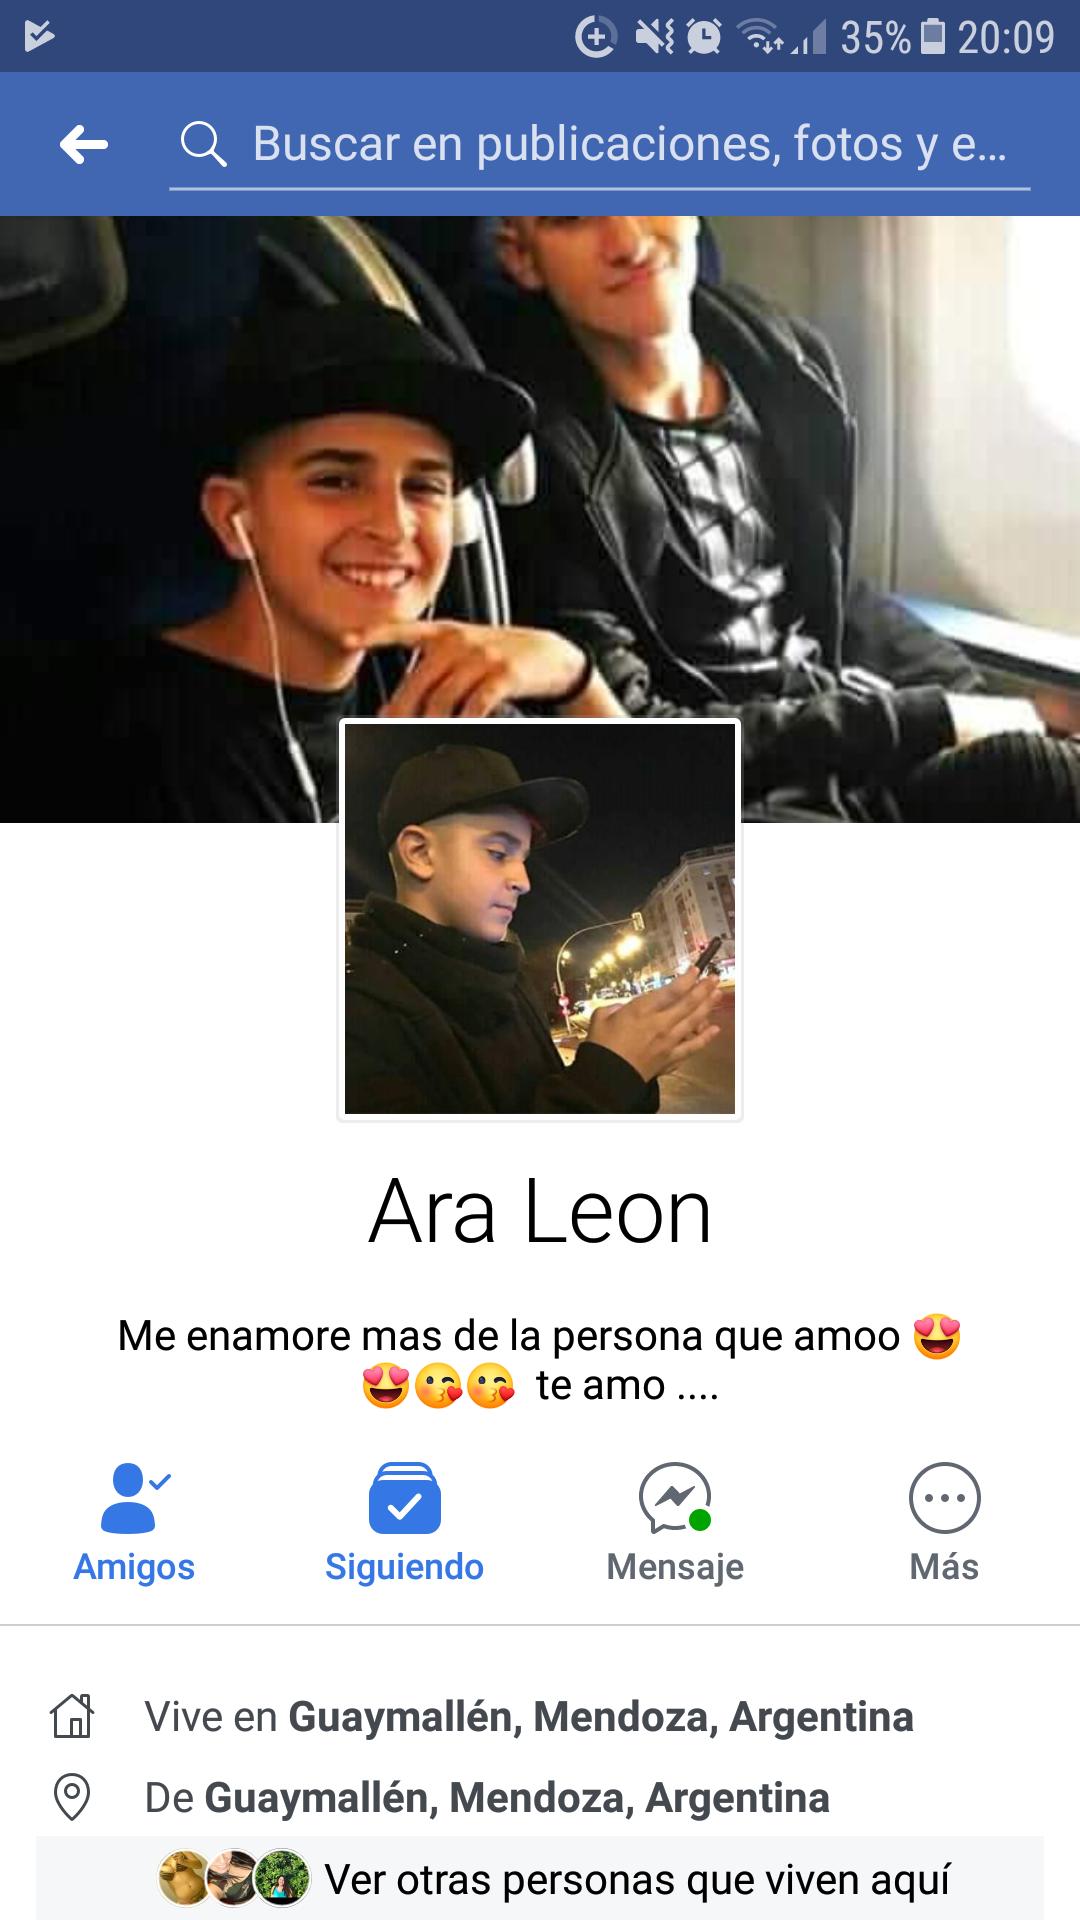 Argentina Ara León y su Pack de locura. Fotos calientes+ 1